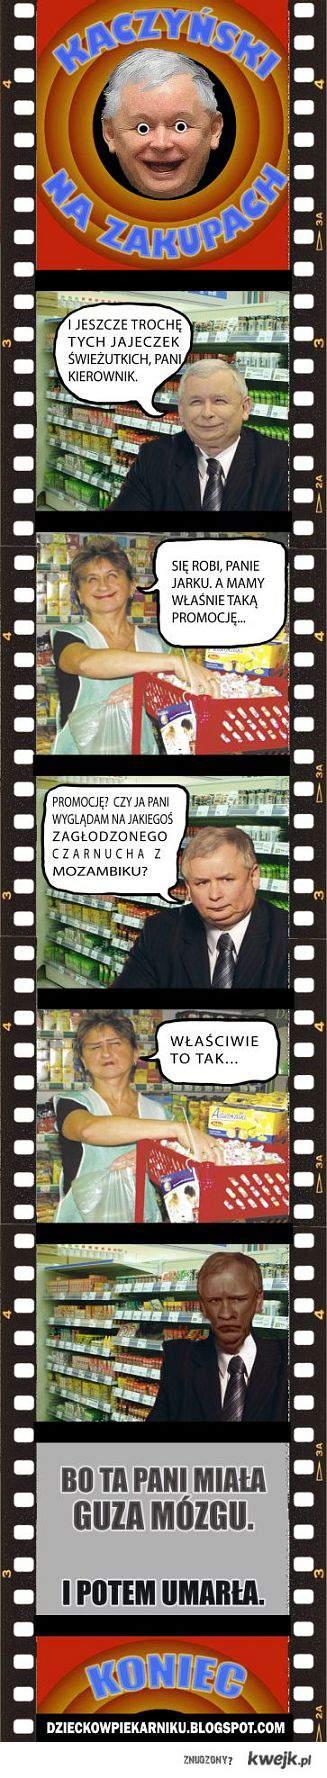 Kaczyński na zakupach